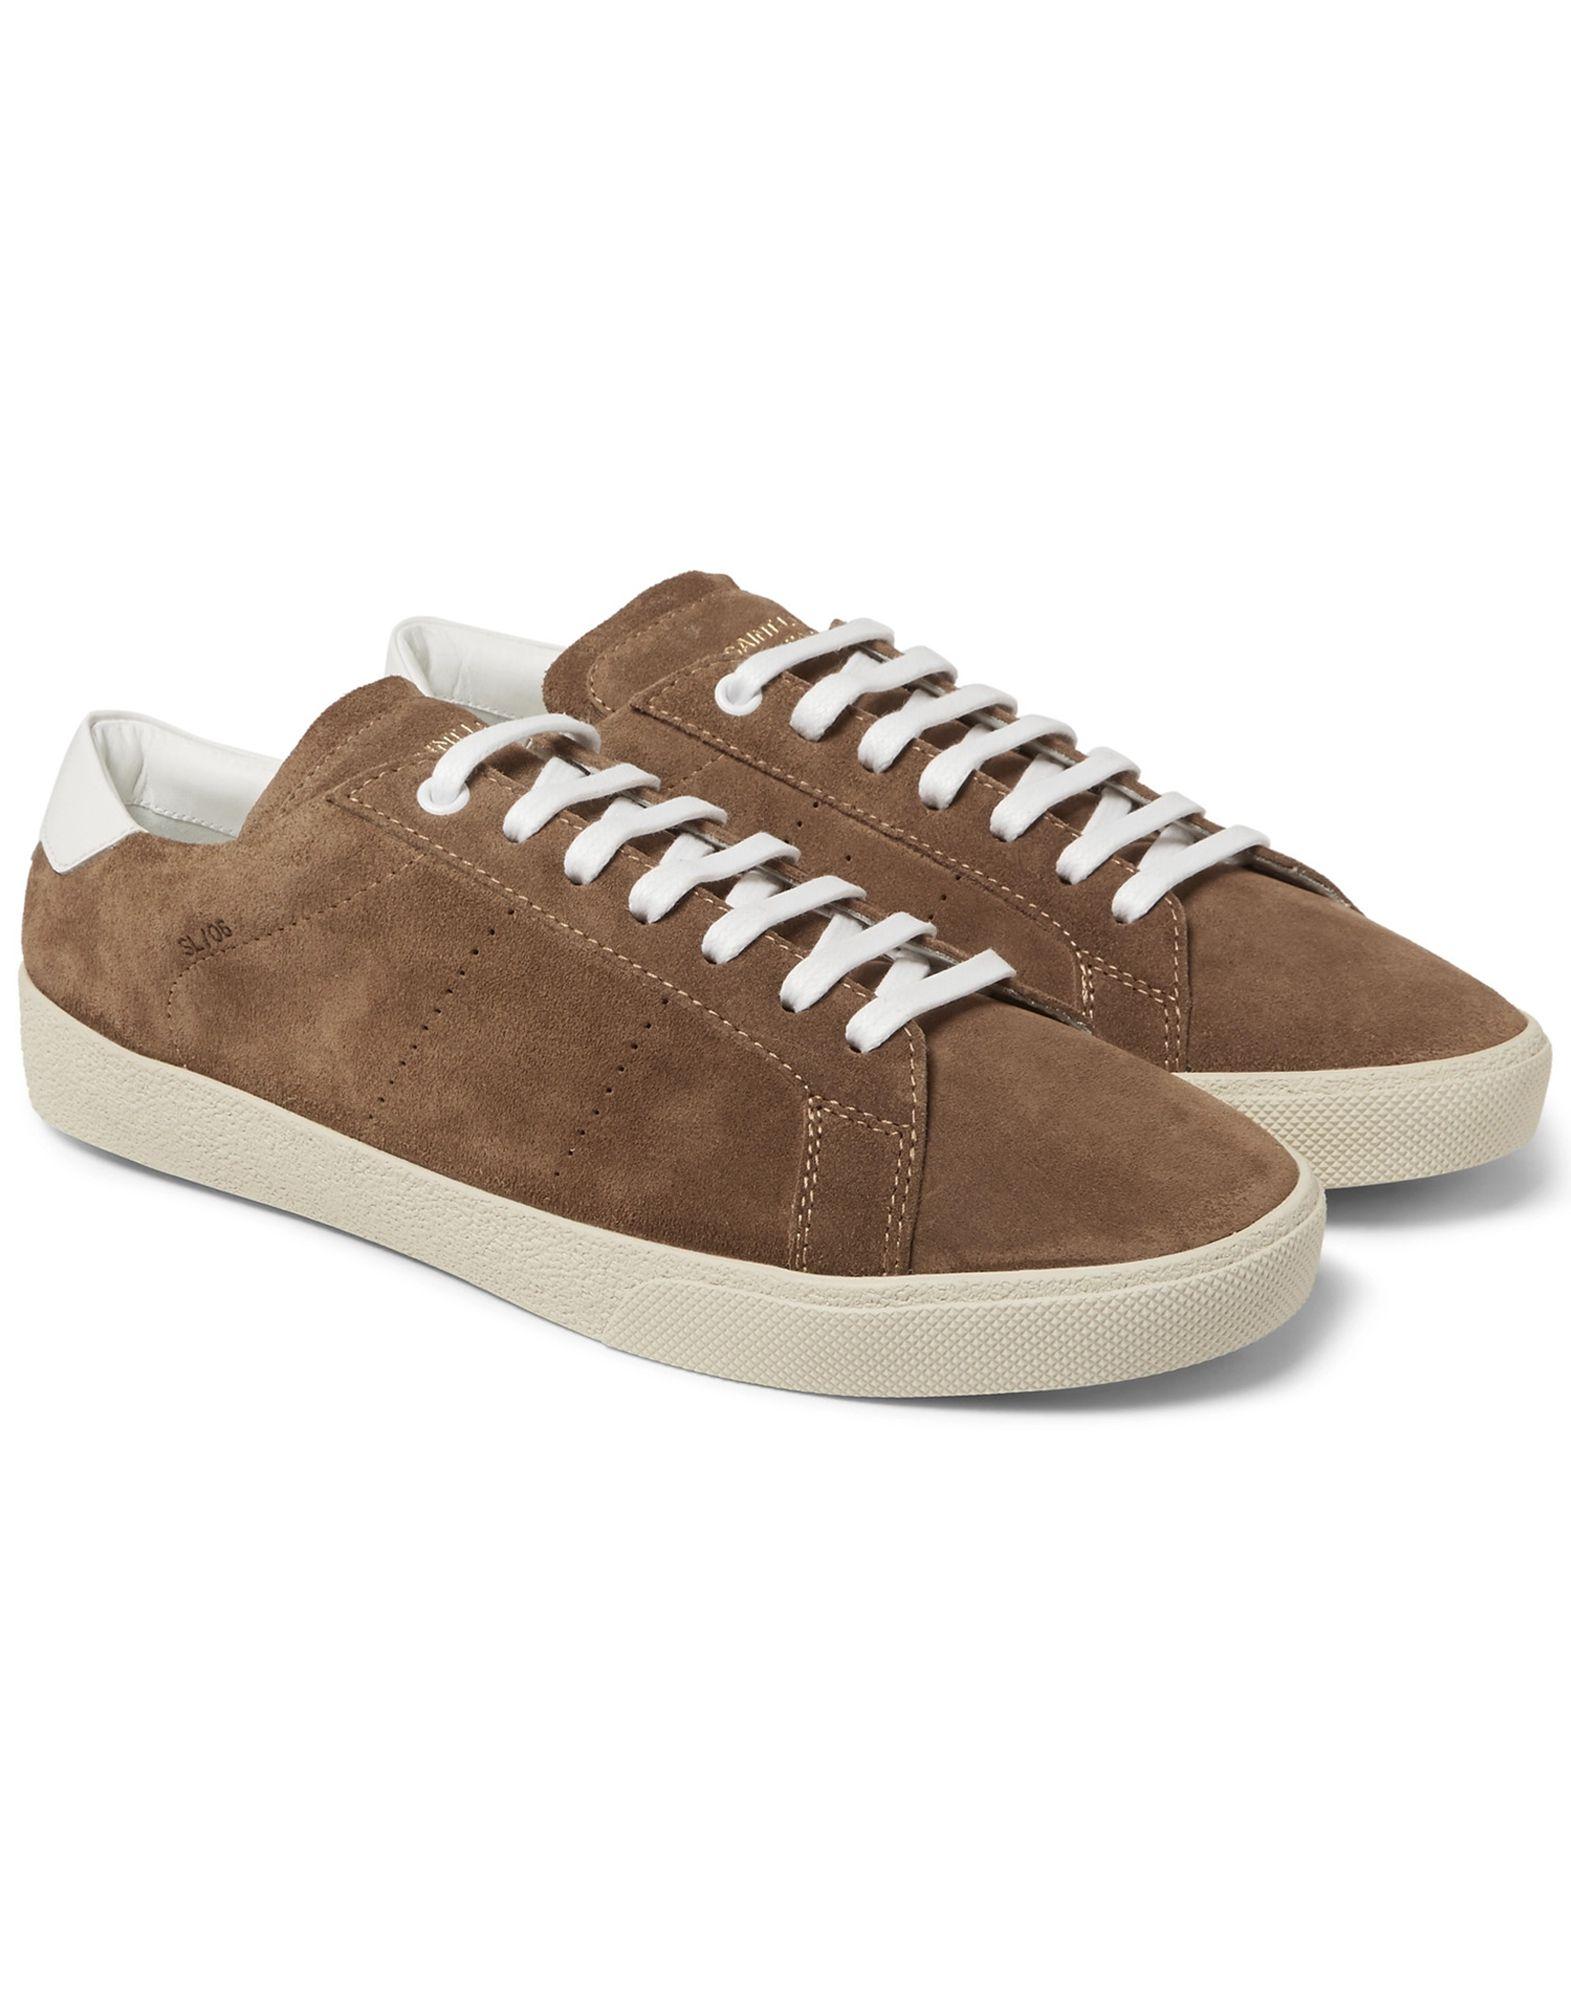 Saint Laurent Sneakers Herren  Schuhe 11401770LX Gute Qualität beliebte Schuhe  a38040